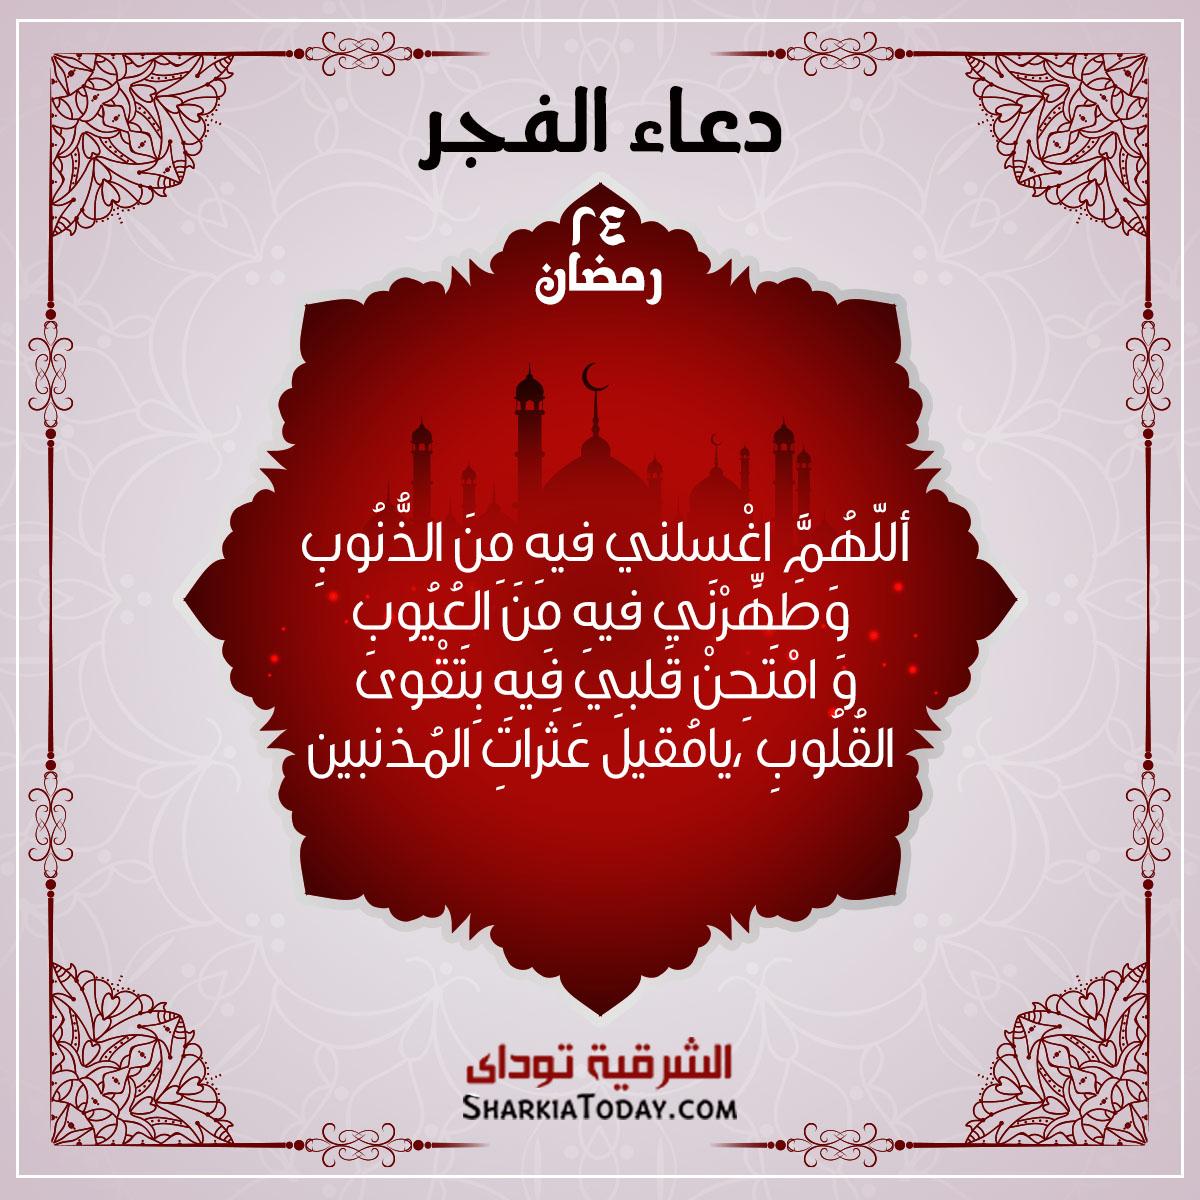 صورة استجب يارب فى الايام المفترجة دى , دعاء في رمضان 5327 2